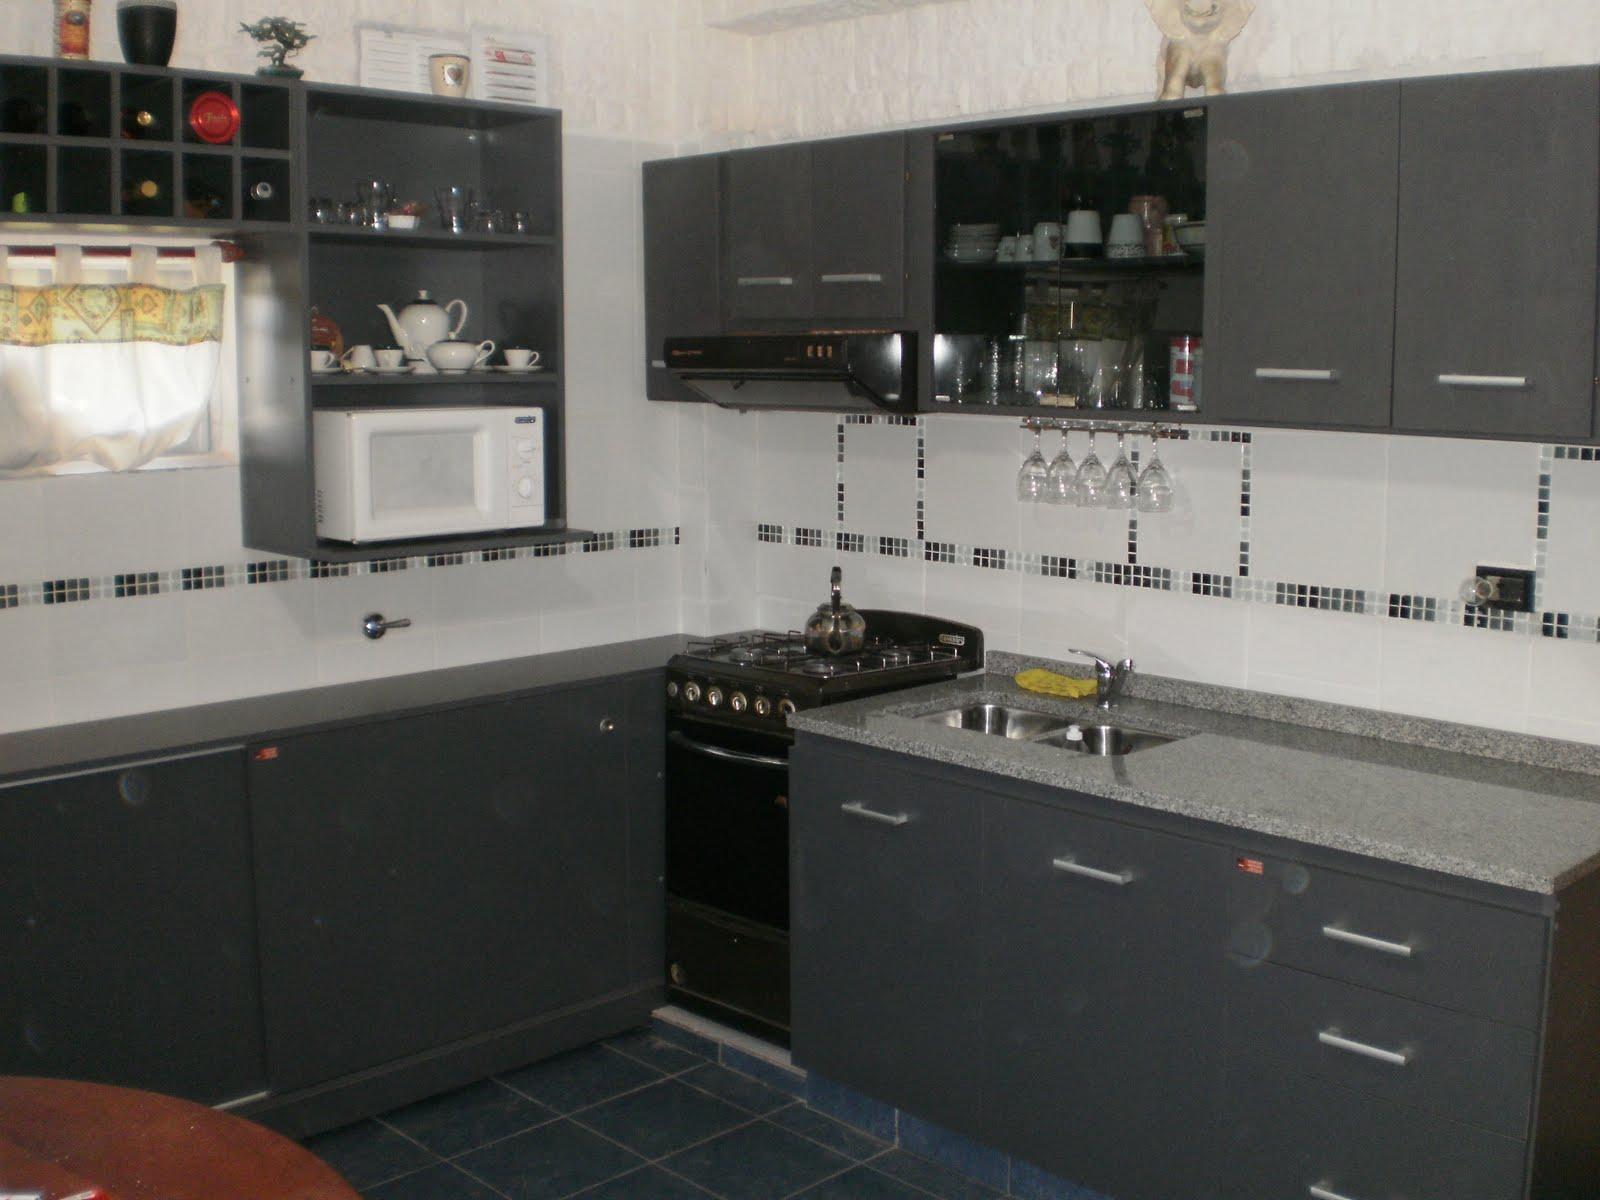 D f r muebles cocina con bajo mesadas alacenas vinoteca for Muebles bajos cocina negro